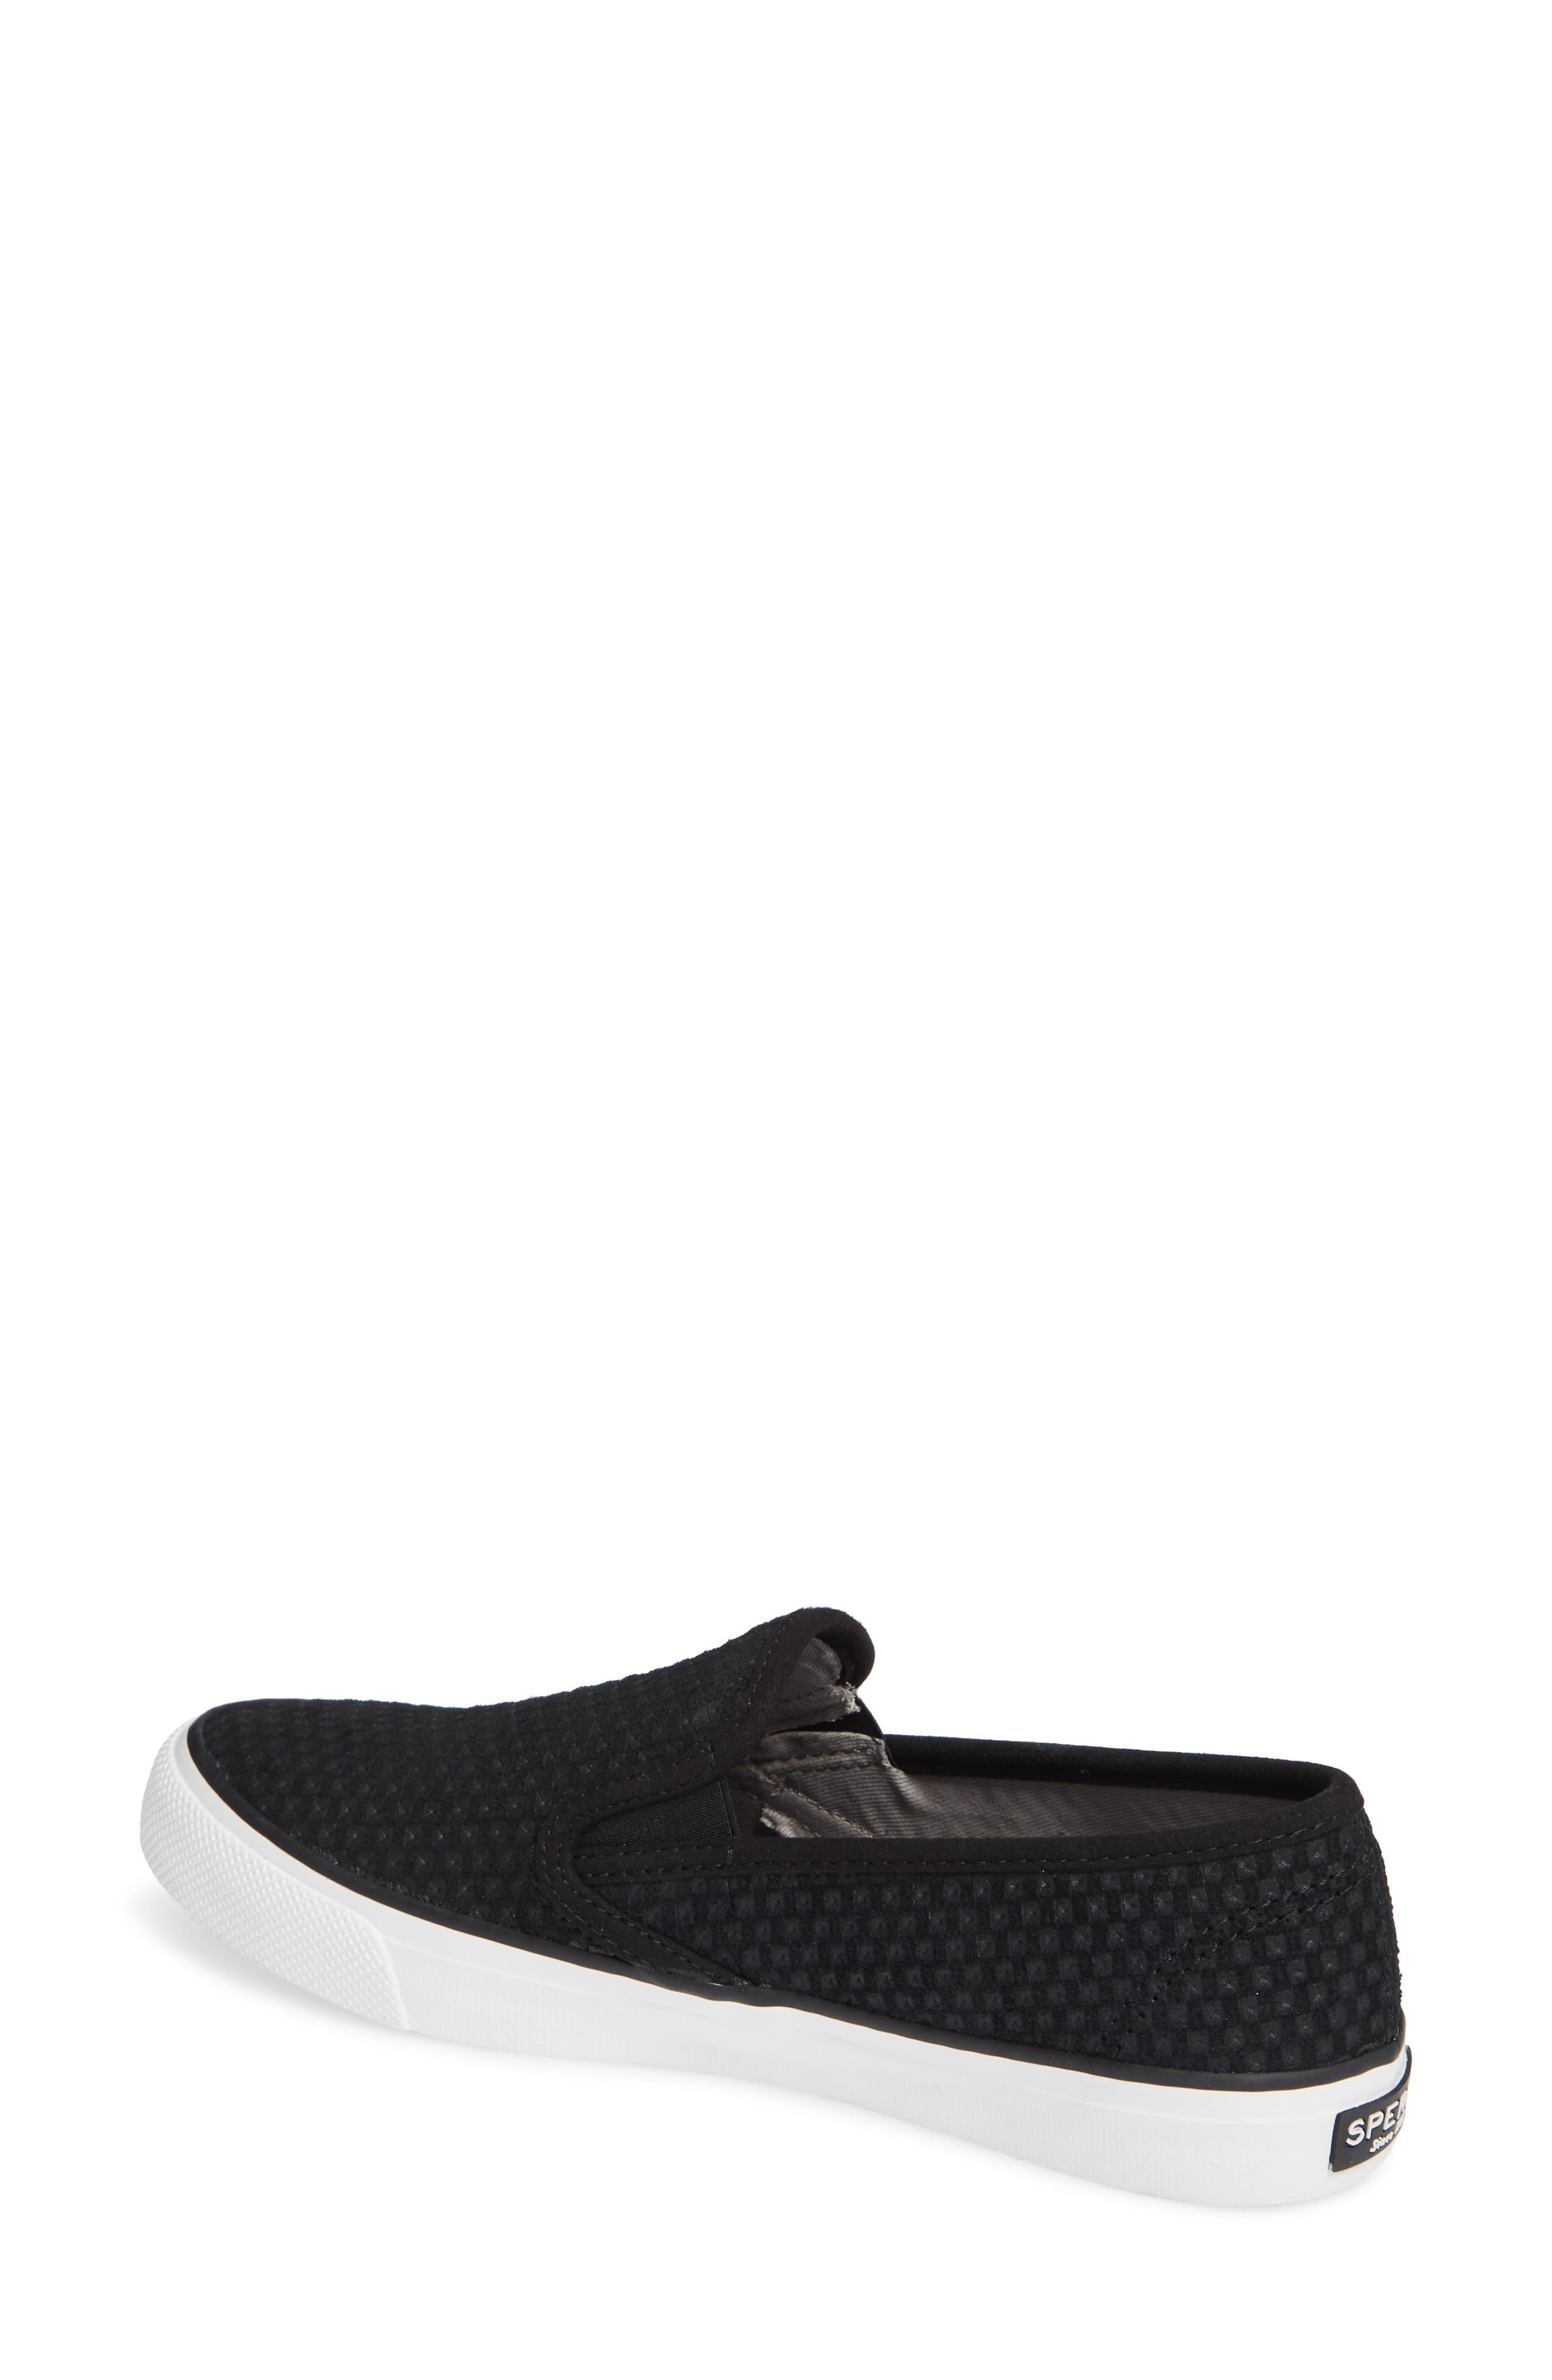 SPERRY, Seaside Embossed Slip-On Sneaker, Alternate thumbnail 2, color, BLACK CANVAS